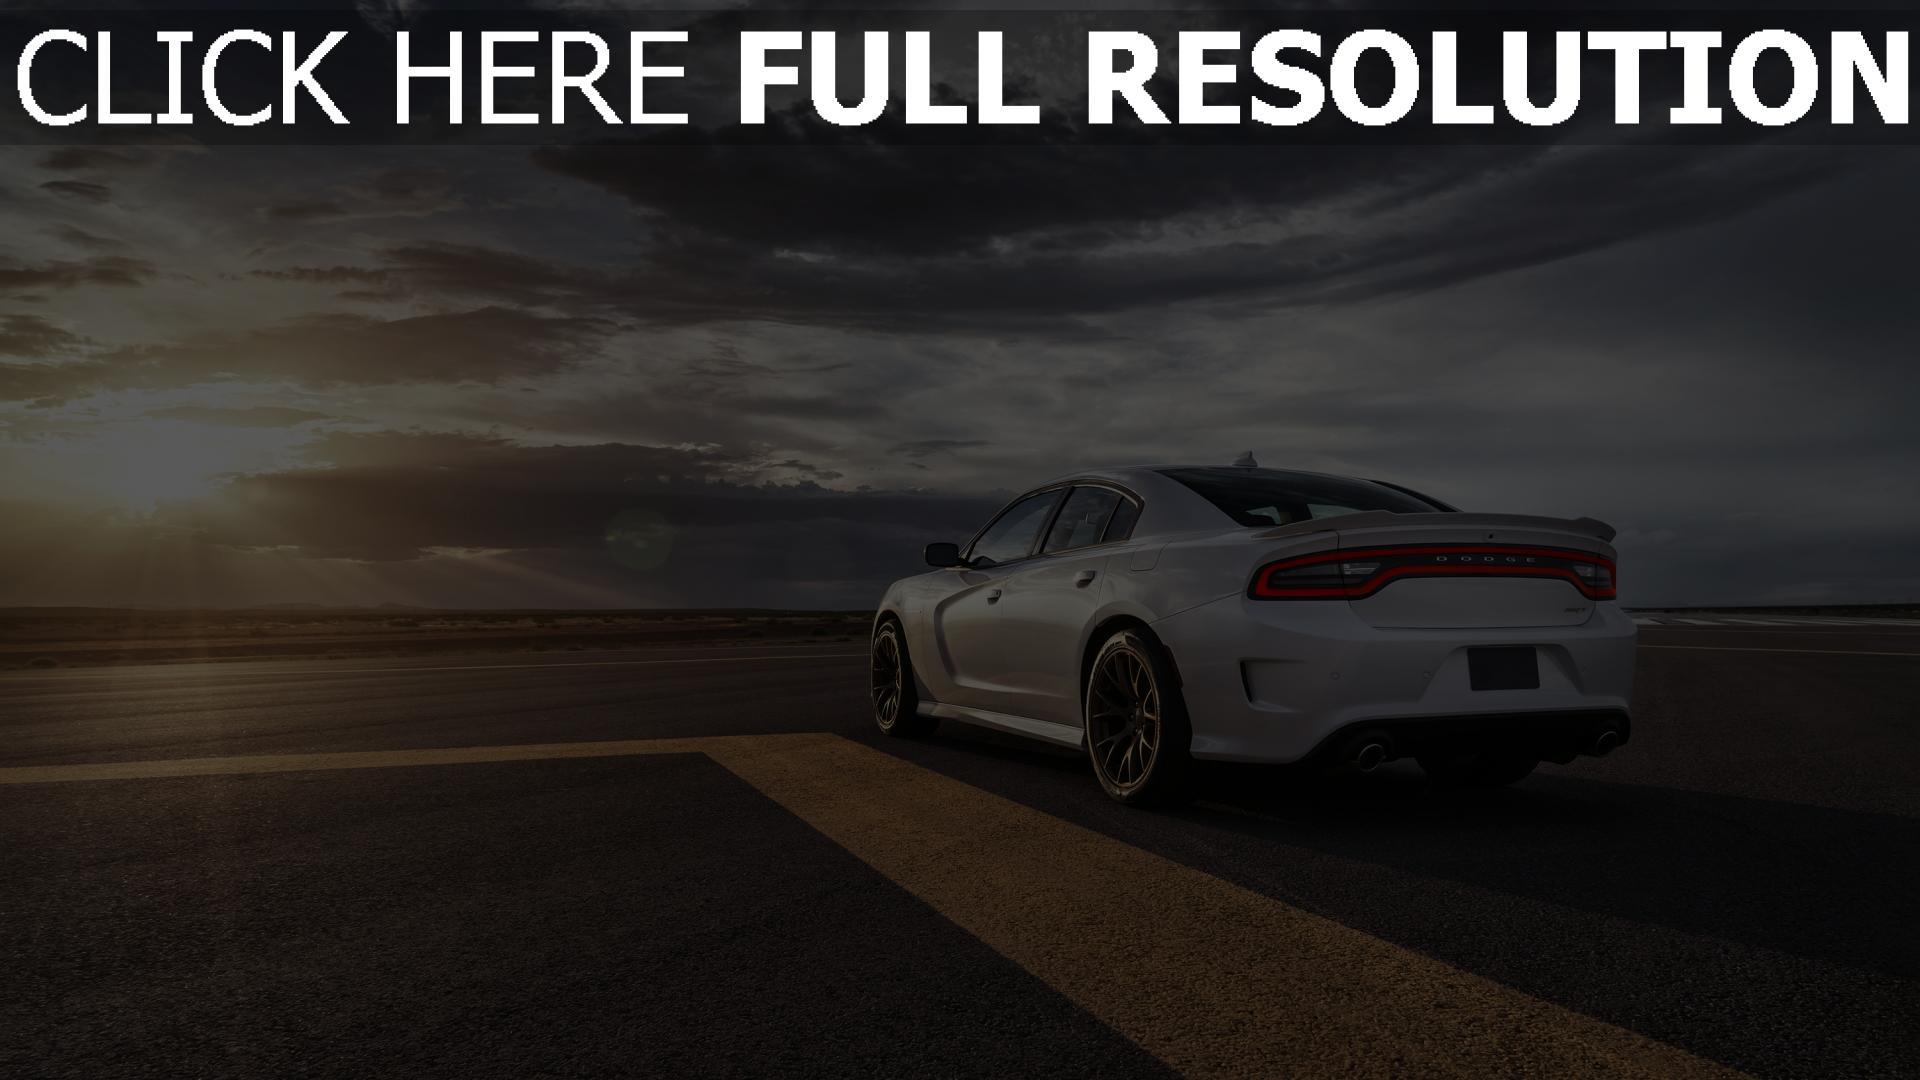 Hd Hintergrundbilder Lexus Lf Lc Konzept Blau Strand Sydney Stadt Charger Desktop Dodge Srt Hellcat 2015 Wei Strae Sonnenuntergang